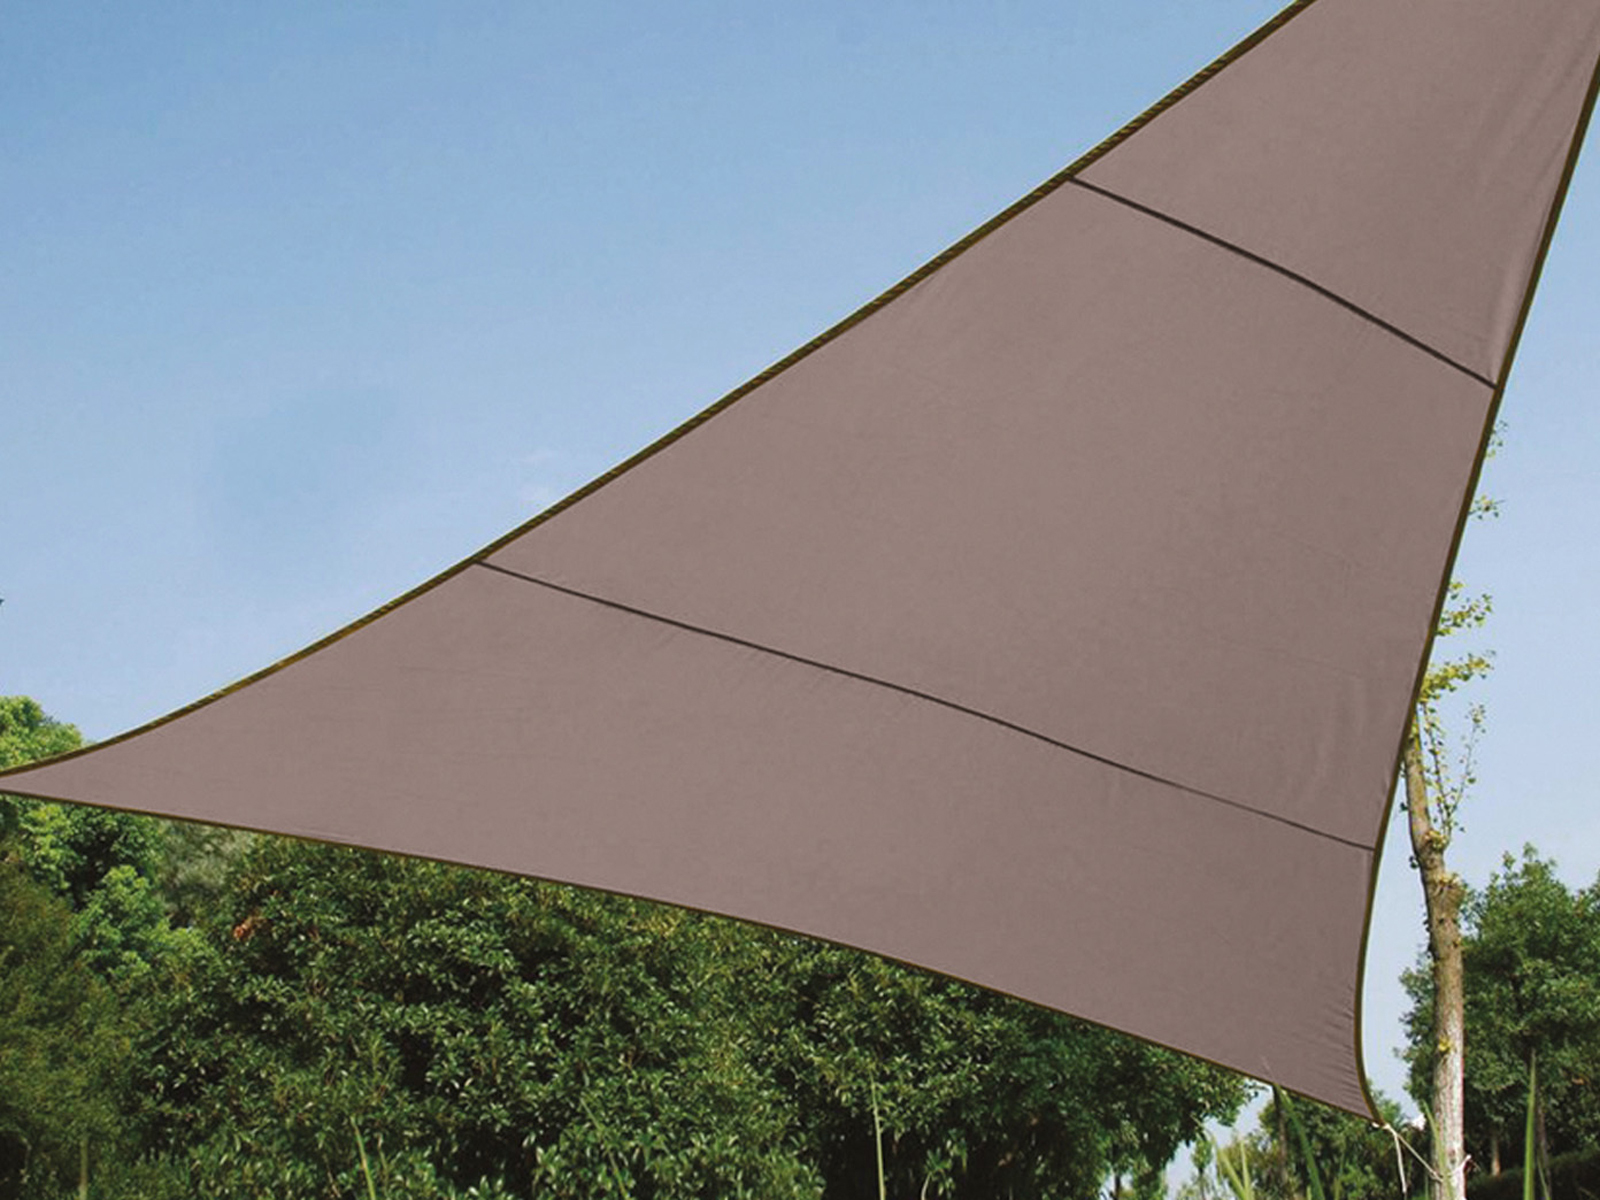 Sonnensegel Regenschutz Regenschutz Regenschutz PEREL, Braun Grau, 500 x 500 x 500 cm, Wasserabweisend 04e5db